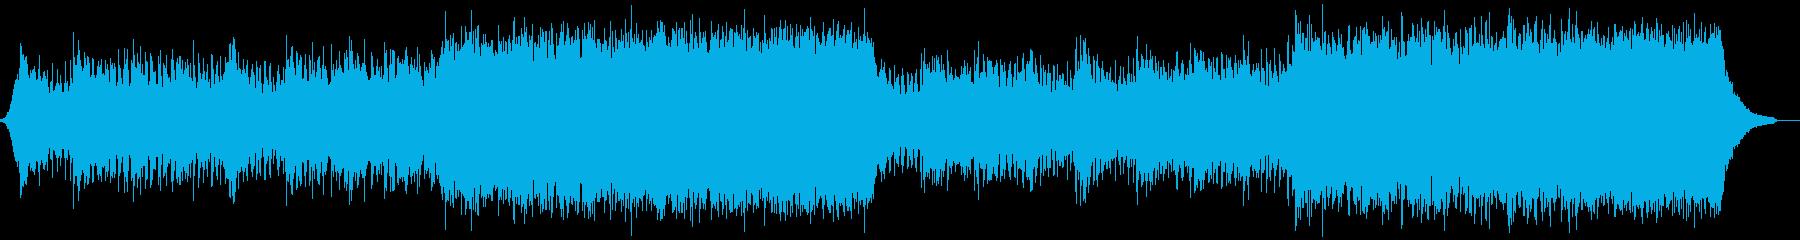 企業VP映像、109オーケストラ、壮大aの再生済みの波形